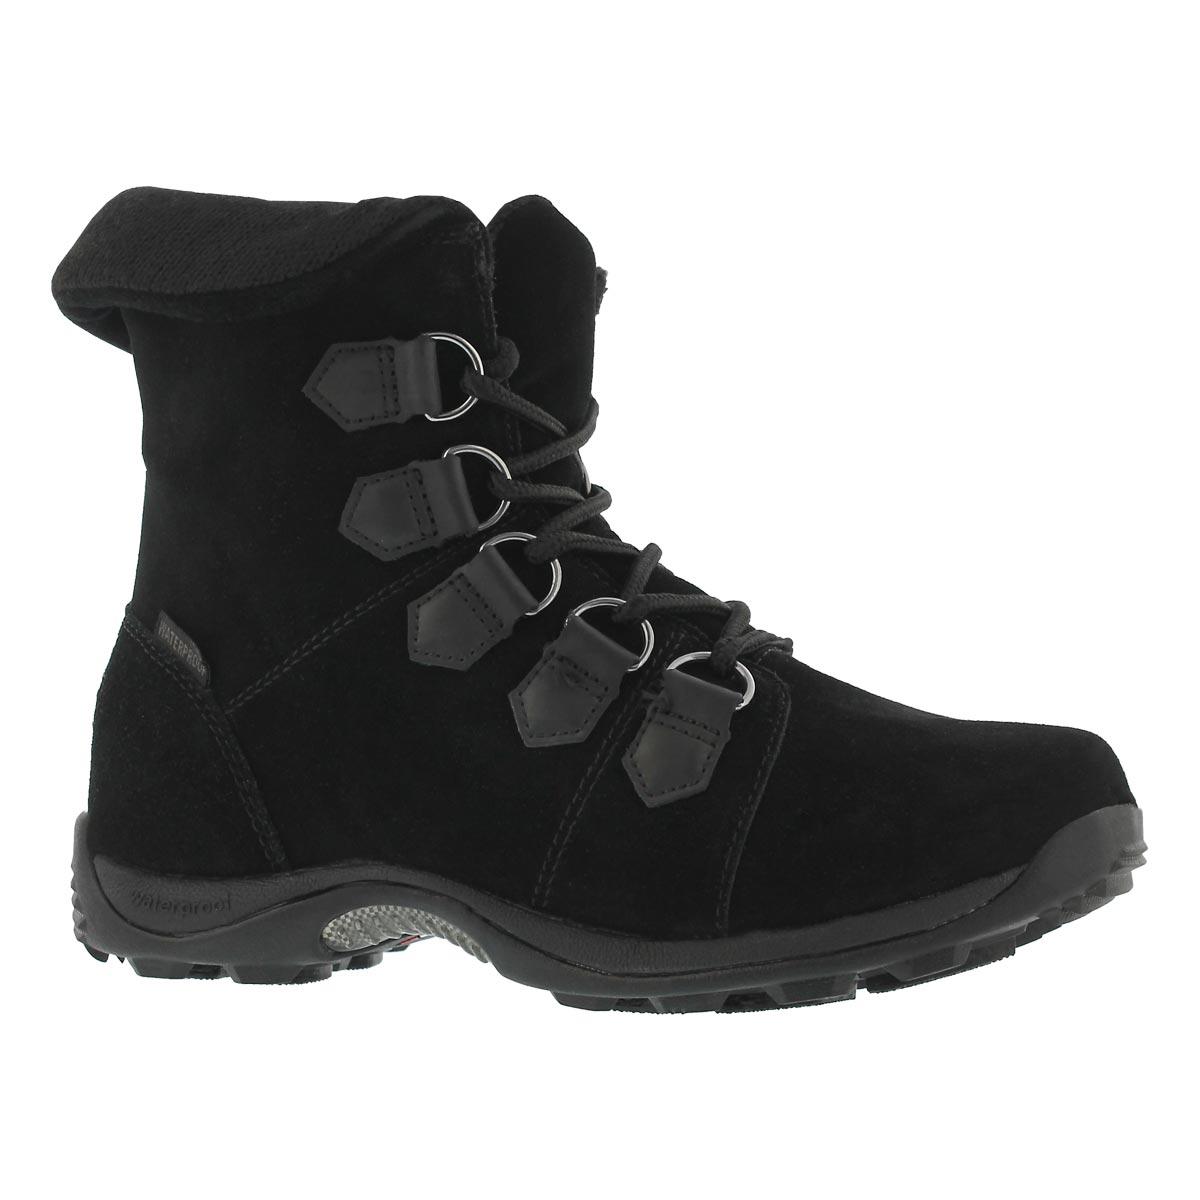 Women's VERVIER bk waterproof lace up winter boots